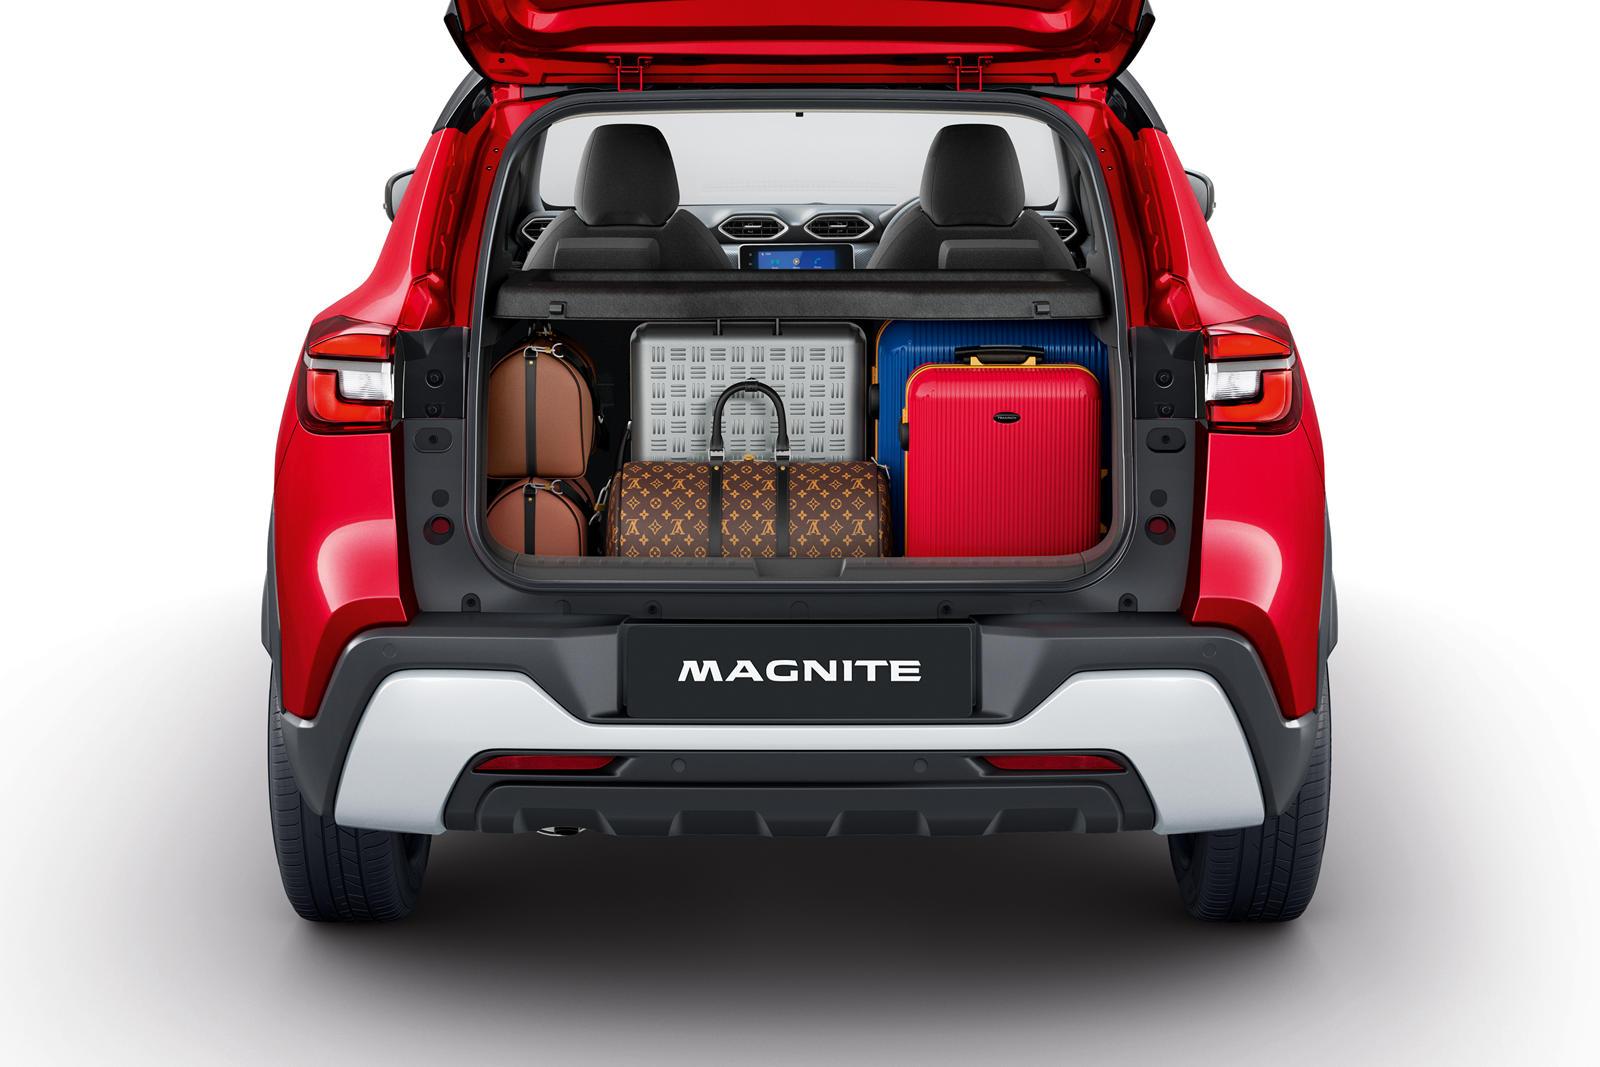 Передние и задние серебряные защитные пластины, квадратные колесные арки и скульптурная облицовка кузова также придают Magnite свежий вид. Доступны девять цветов кузова, включая четыре двухцветных отделки, а в стандартной комплектации предлагаются 16